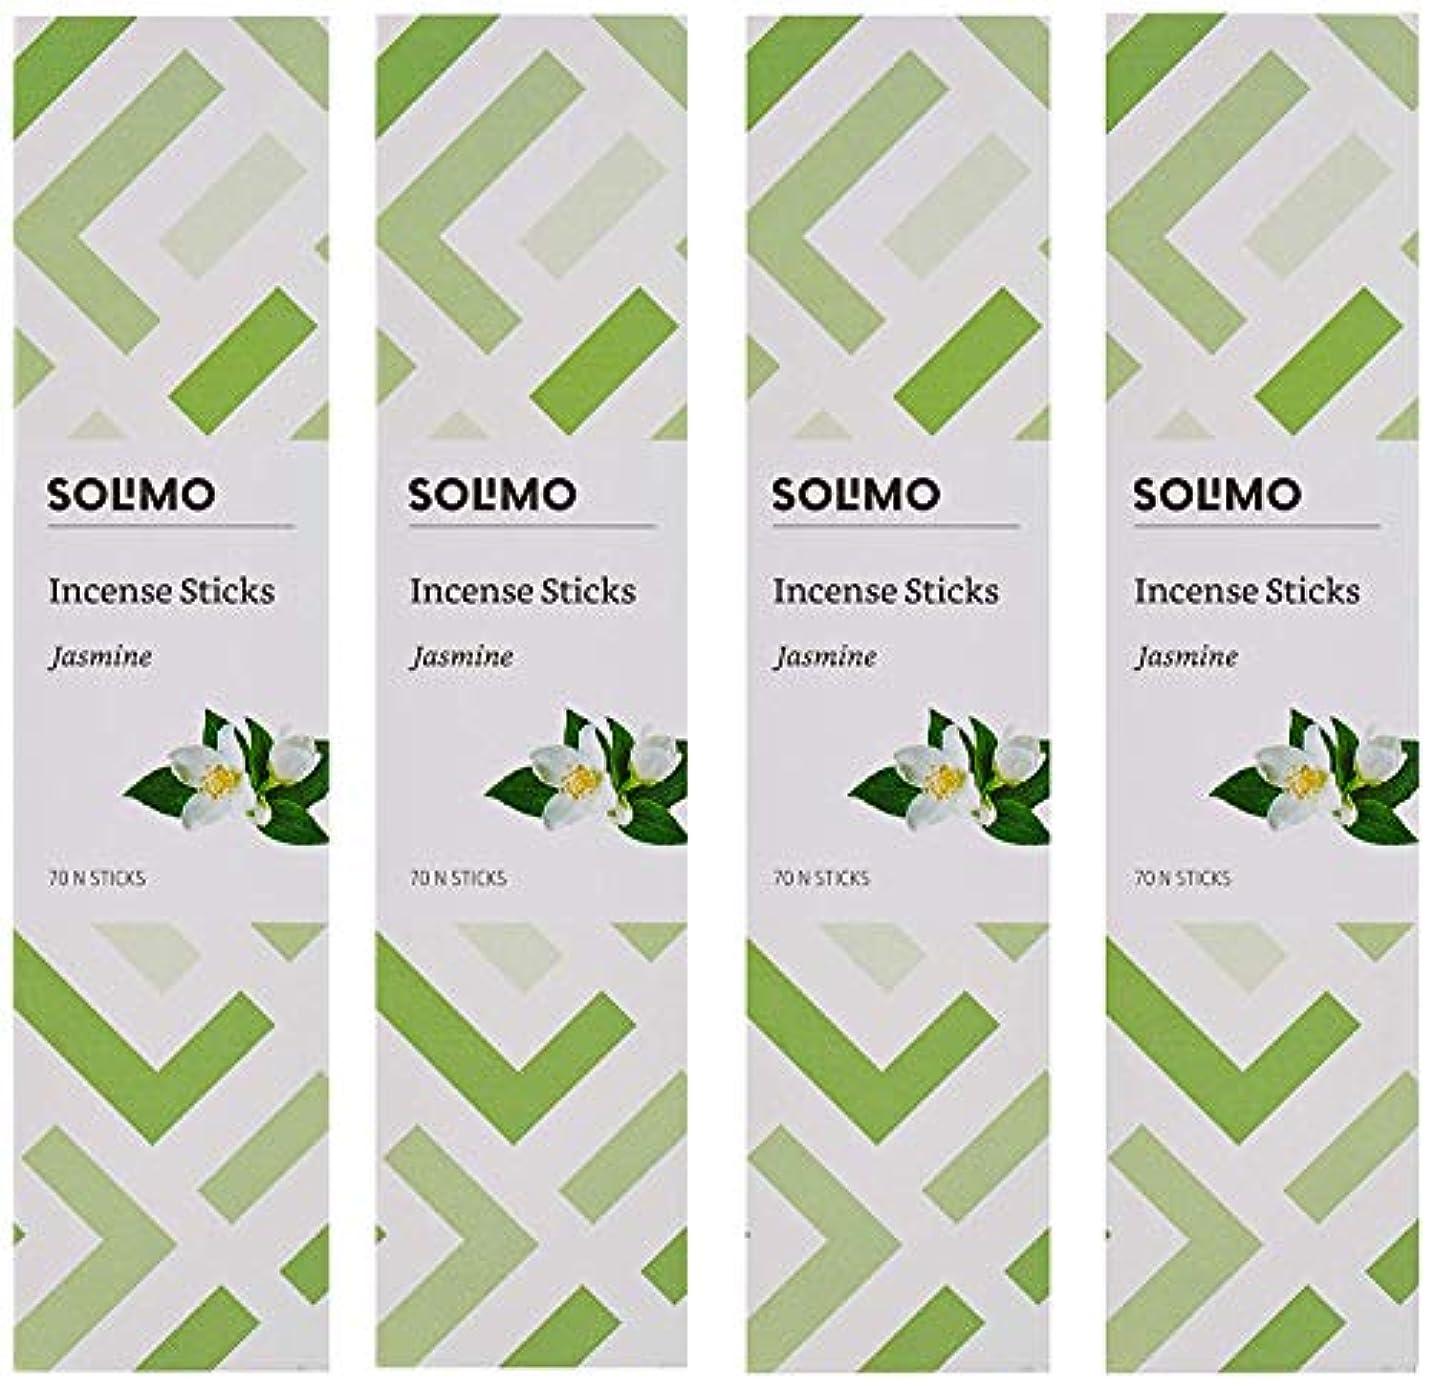 囲いブランド名としてAmazon Brand - Solimo Incense Sticks, Jasmine - 70 sticks/pack (Pack of 4)